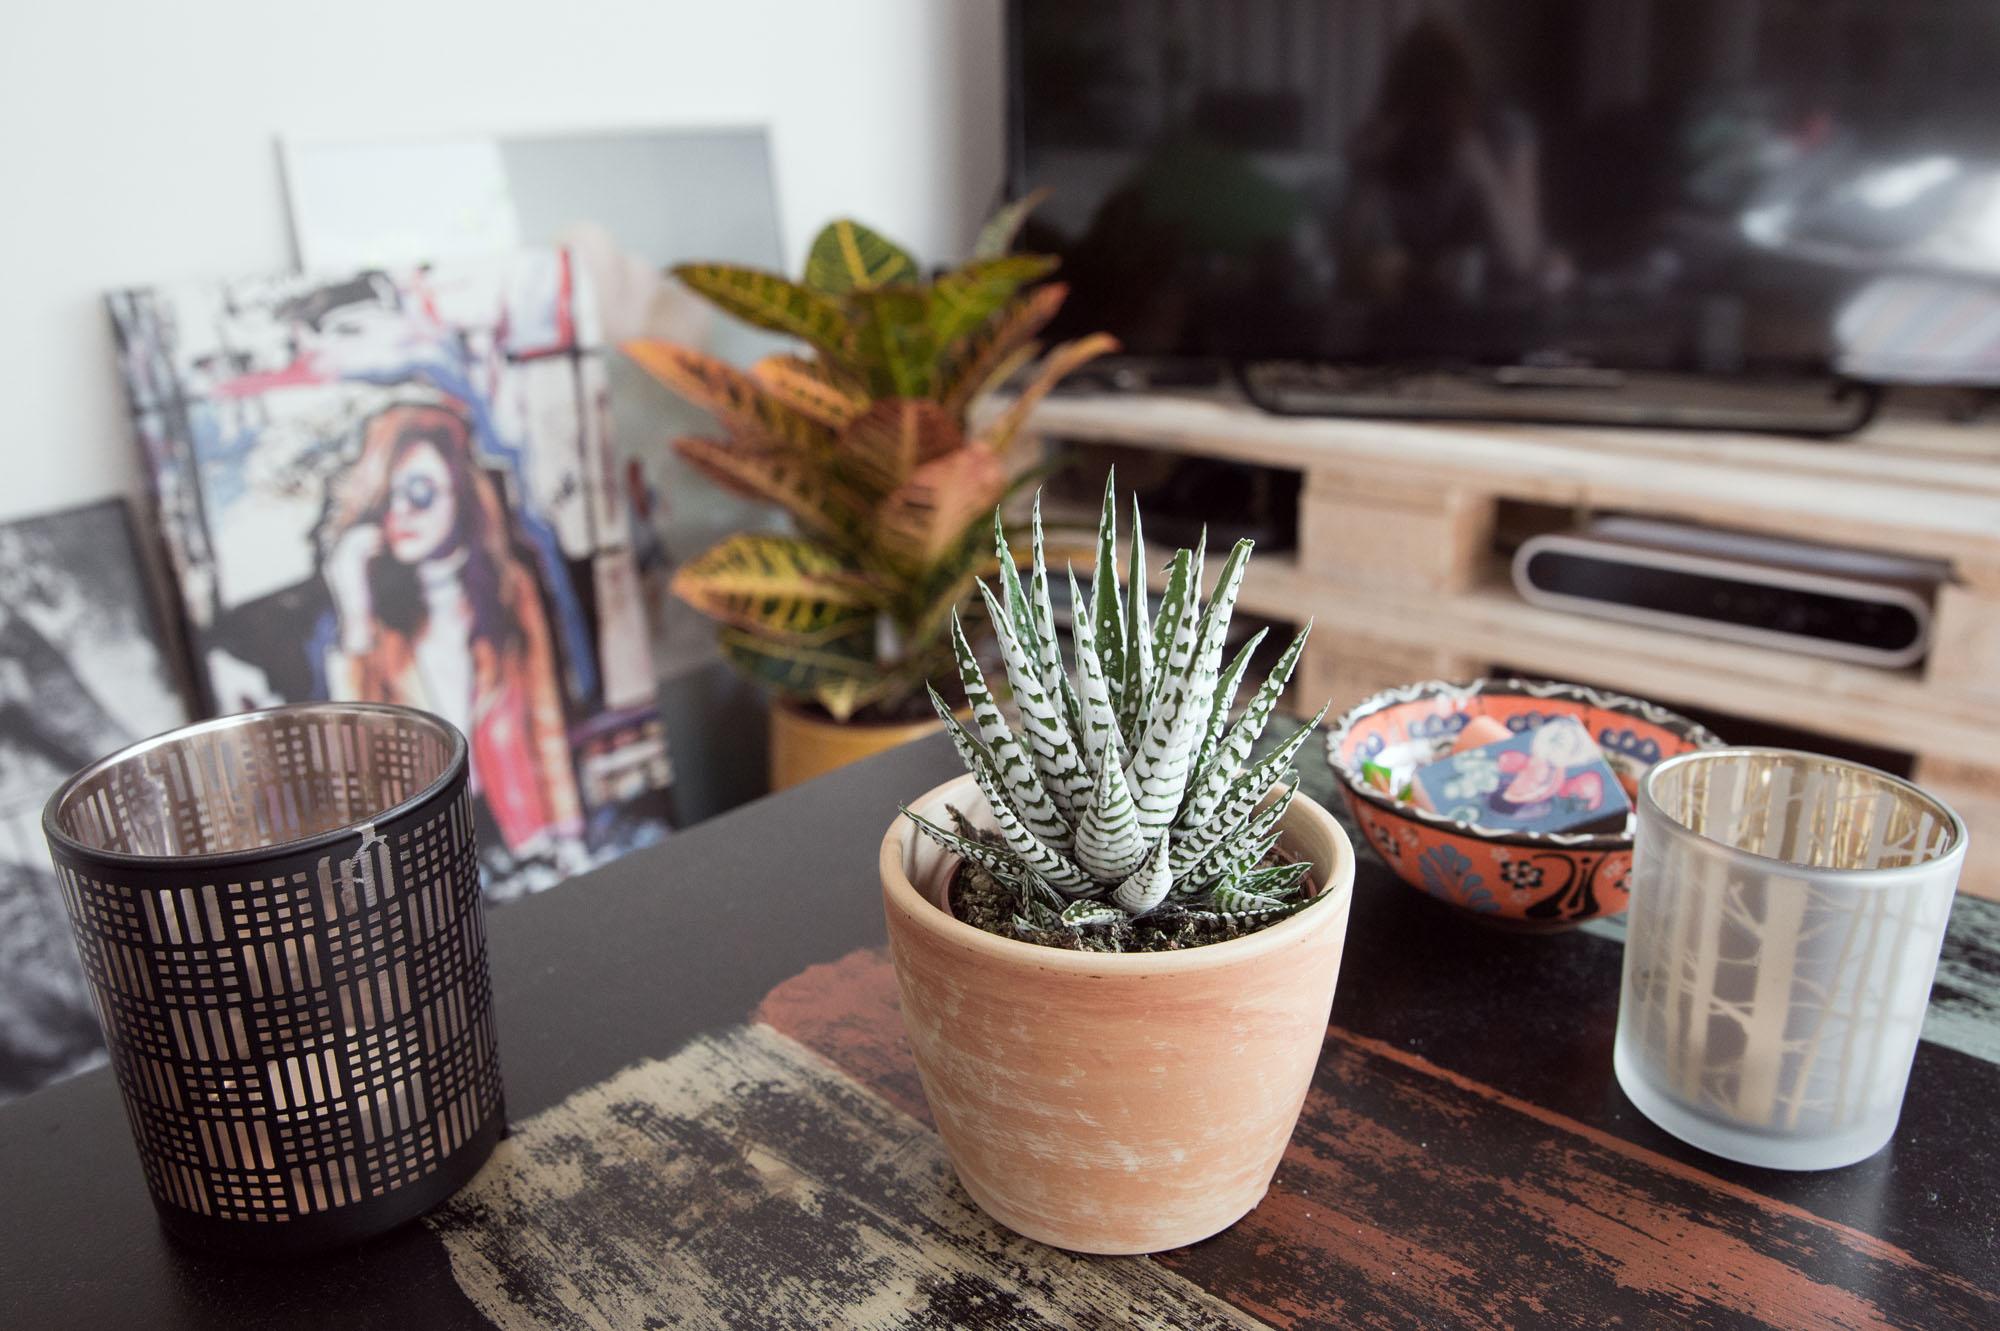 Pflanzen machen das Leben schöner